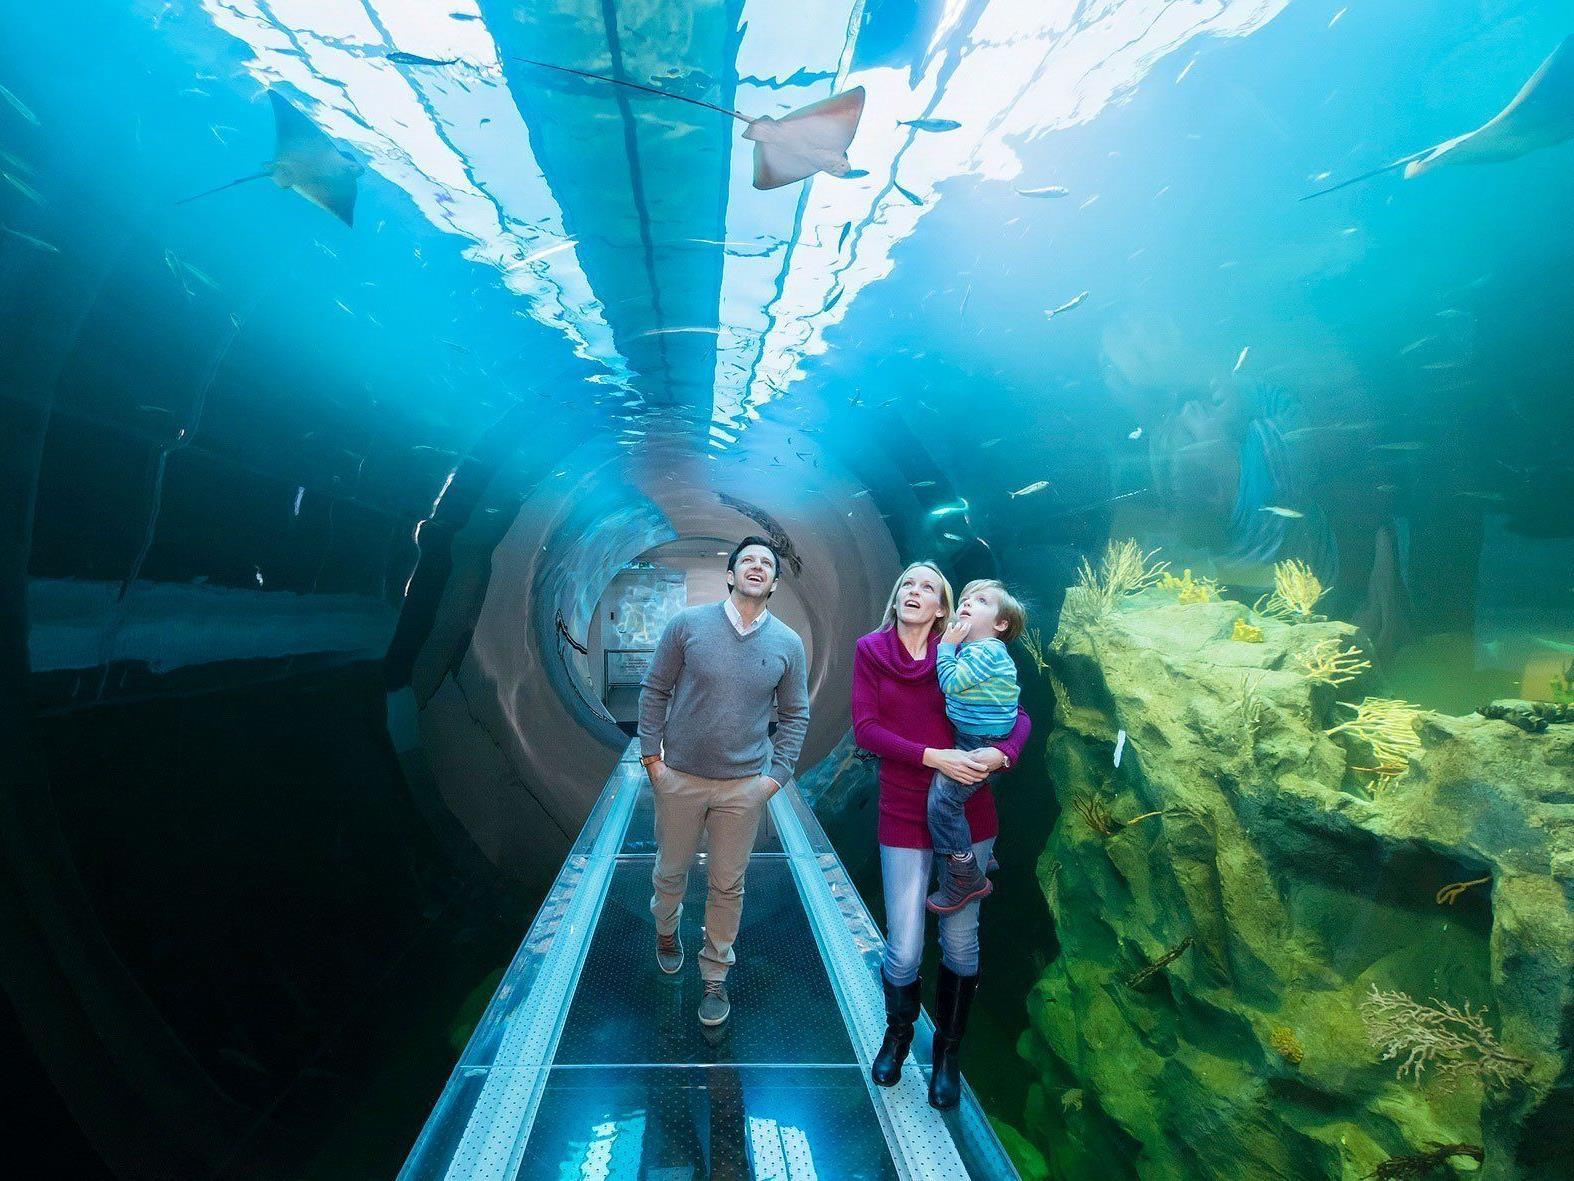 Der Atlantik-Tunnel im Haus des Meeres ist einer der Besuchermagneten